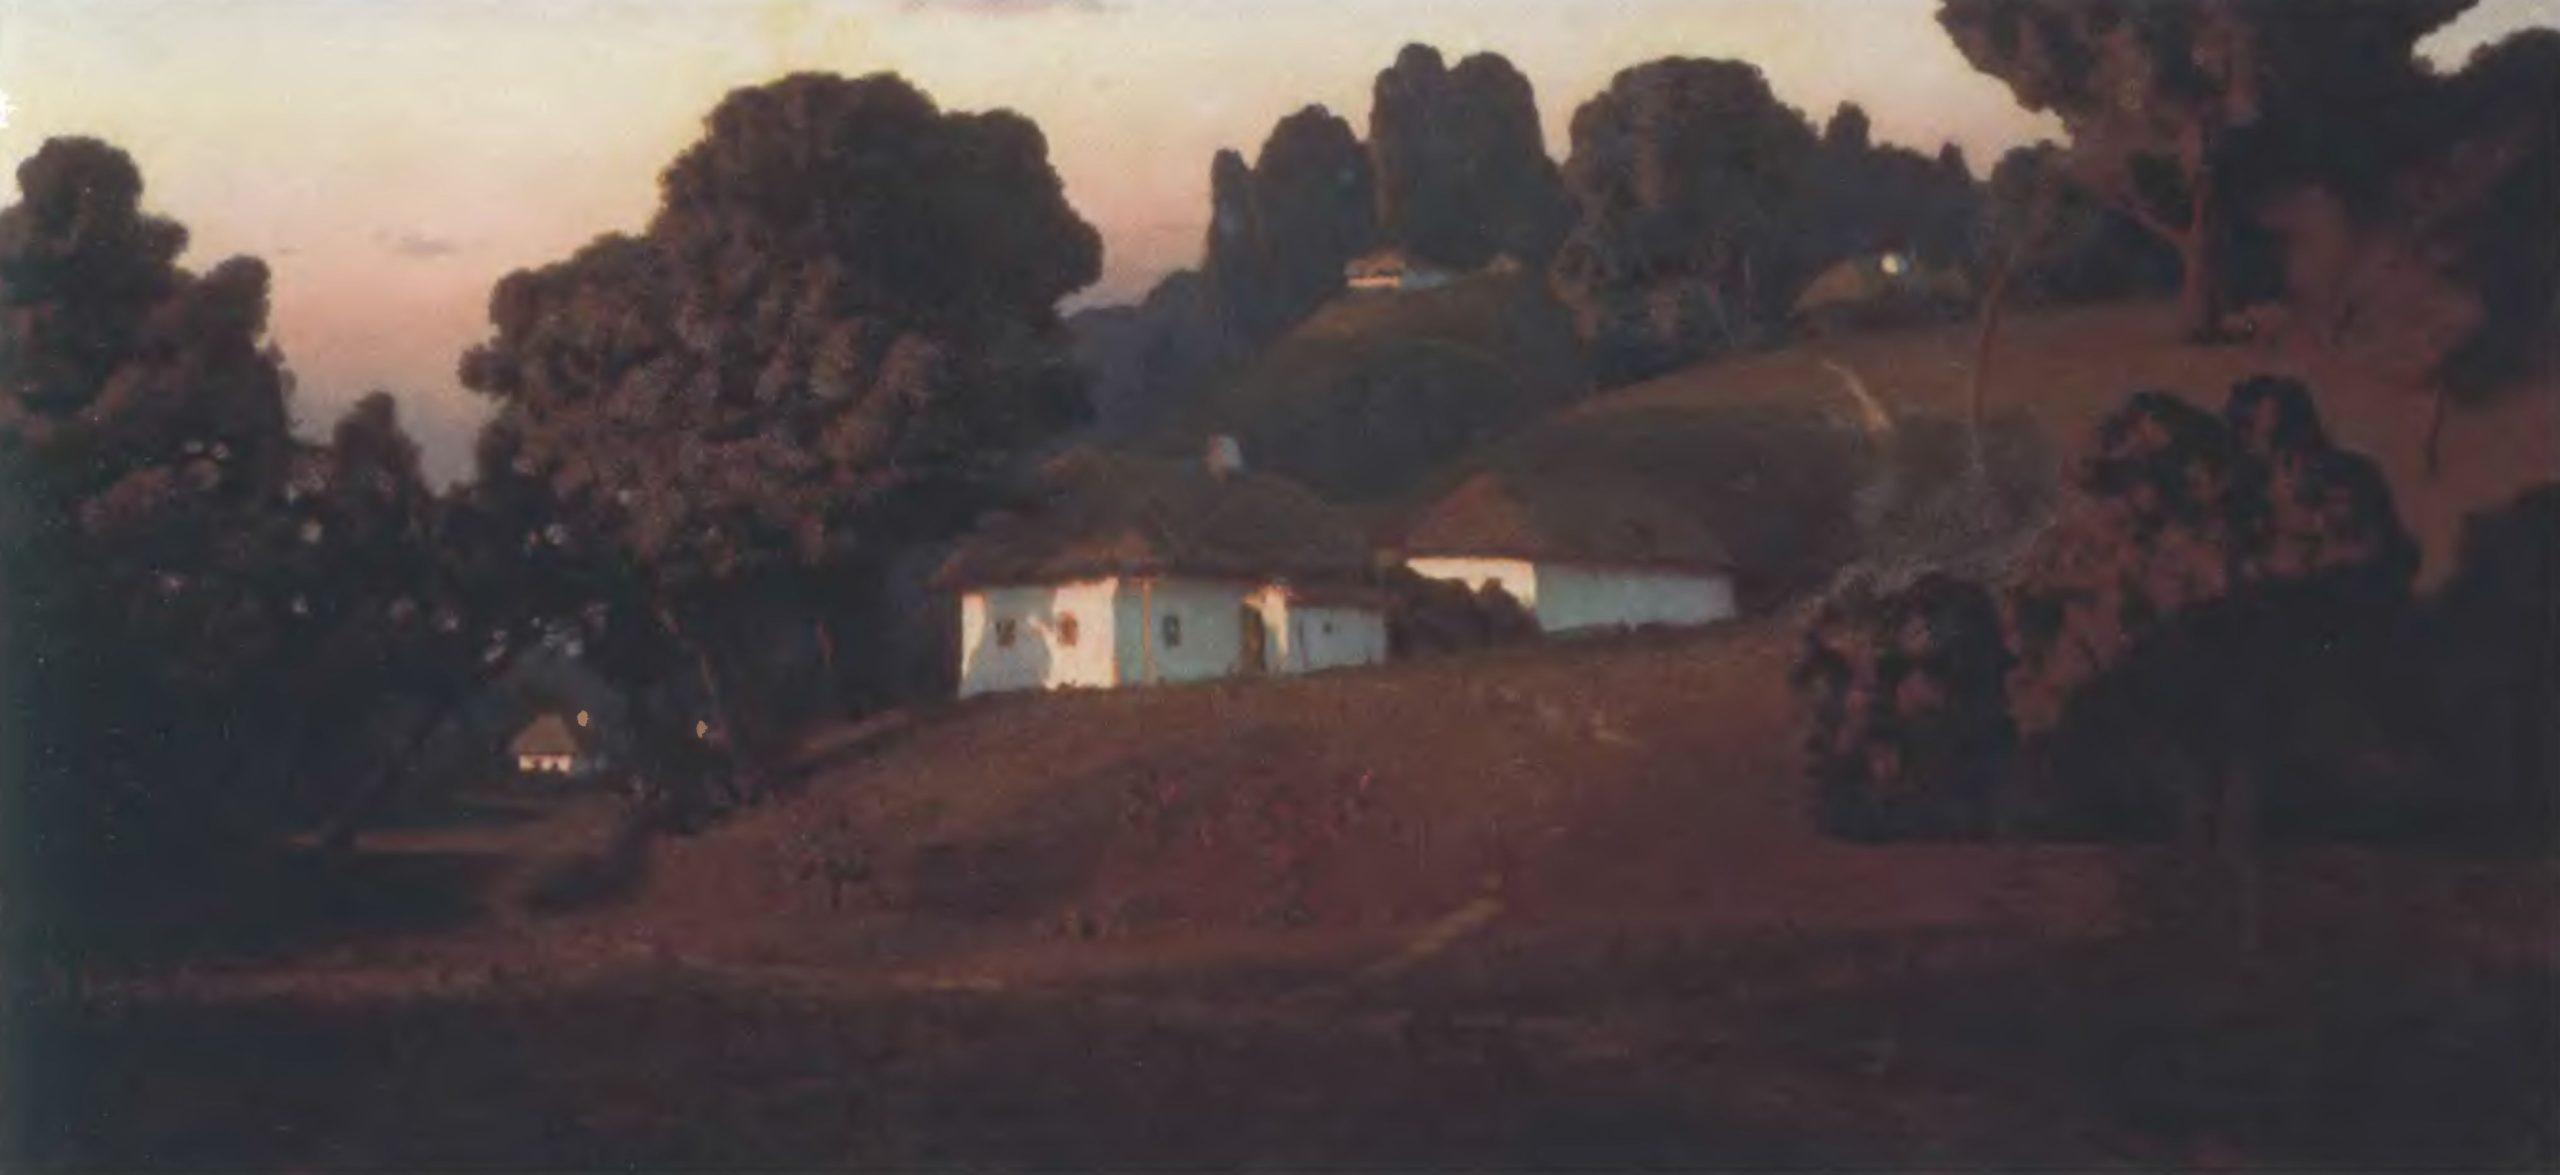 АРХИП КУИНДЖИ. Вечер на Украине. 1878. Холст, масло. 81 х 163 см. Государственный Русский музей